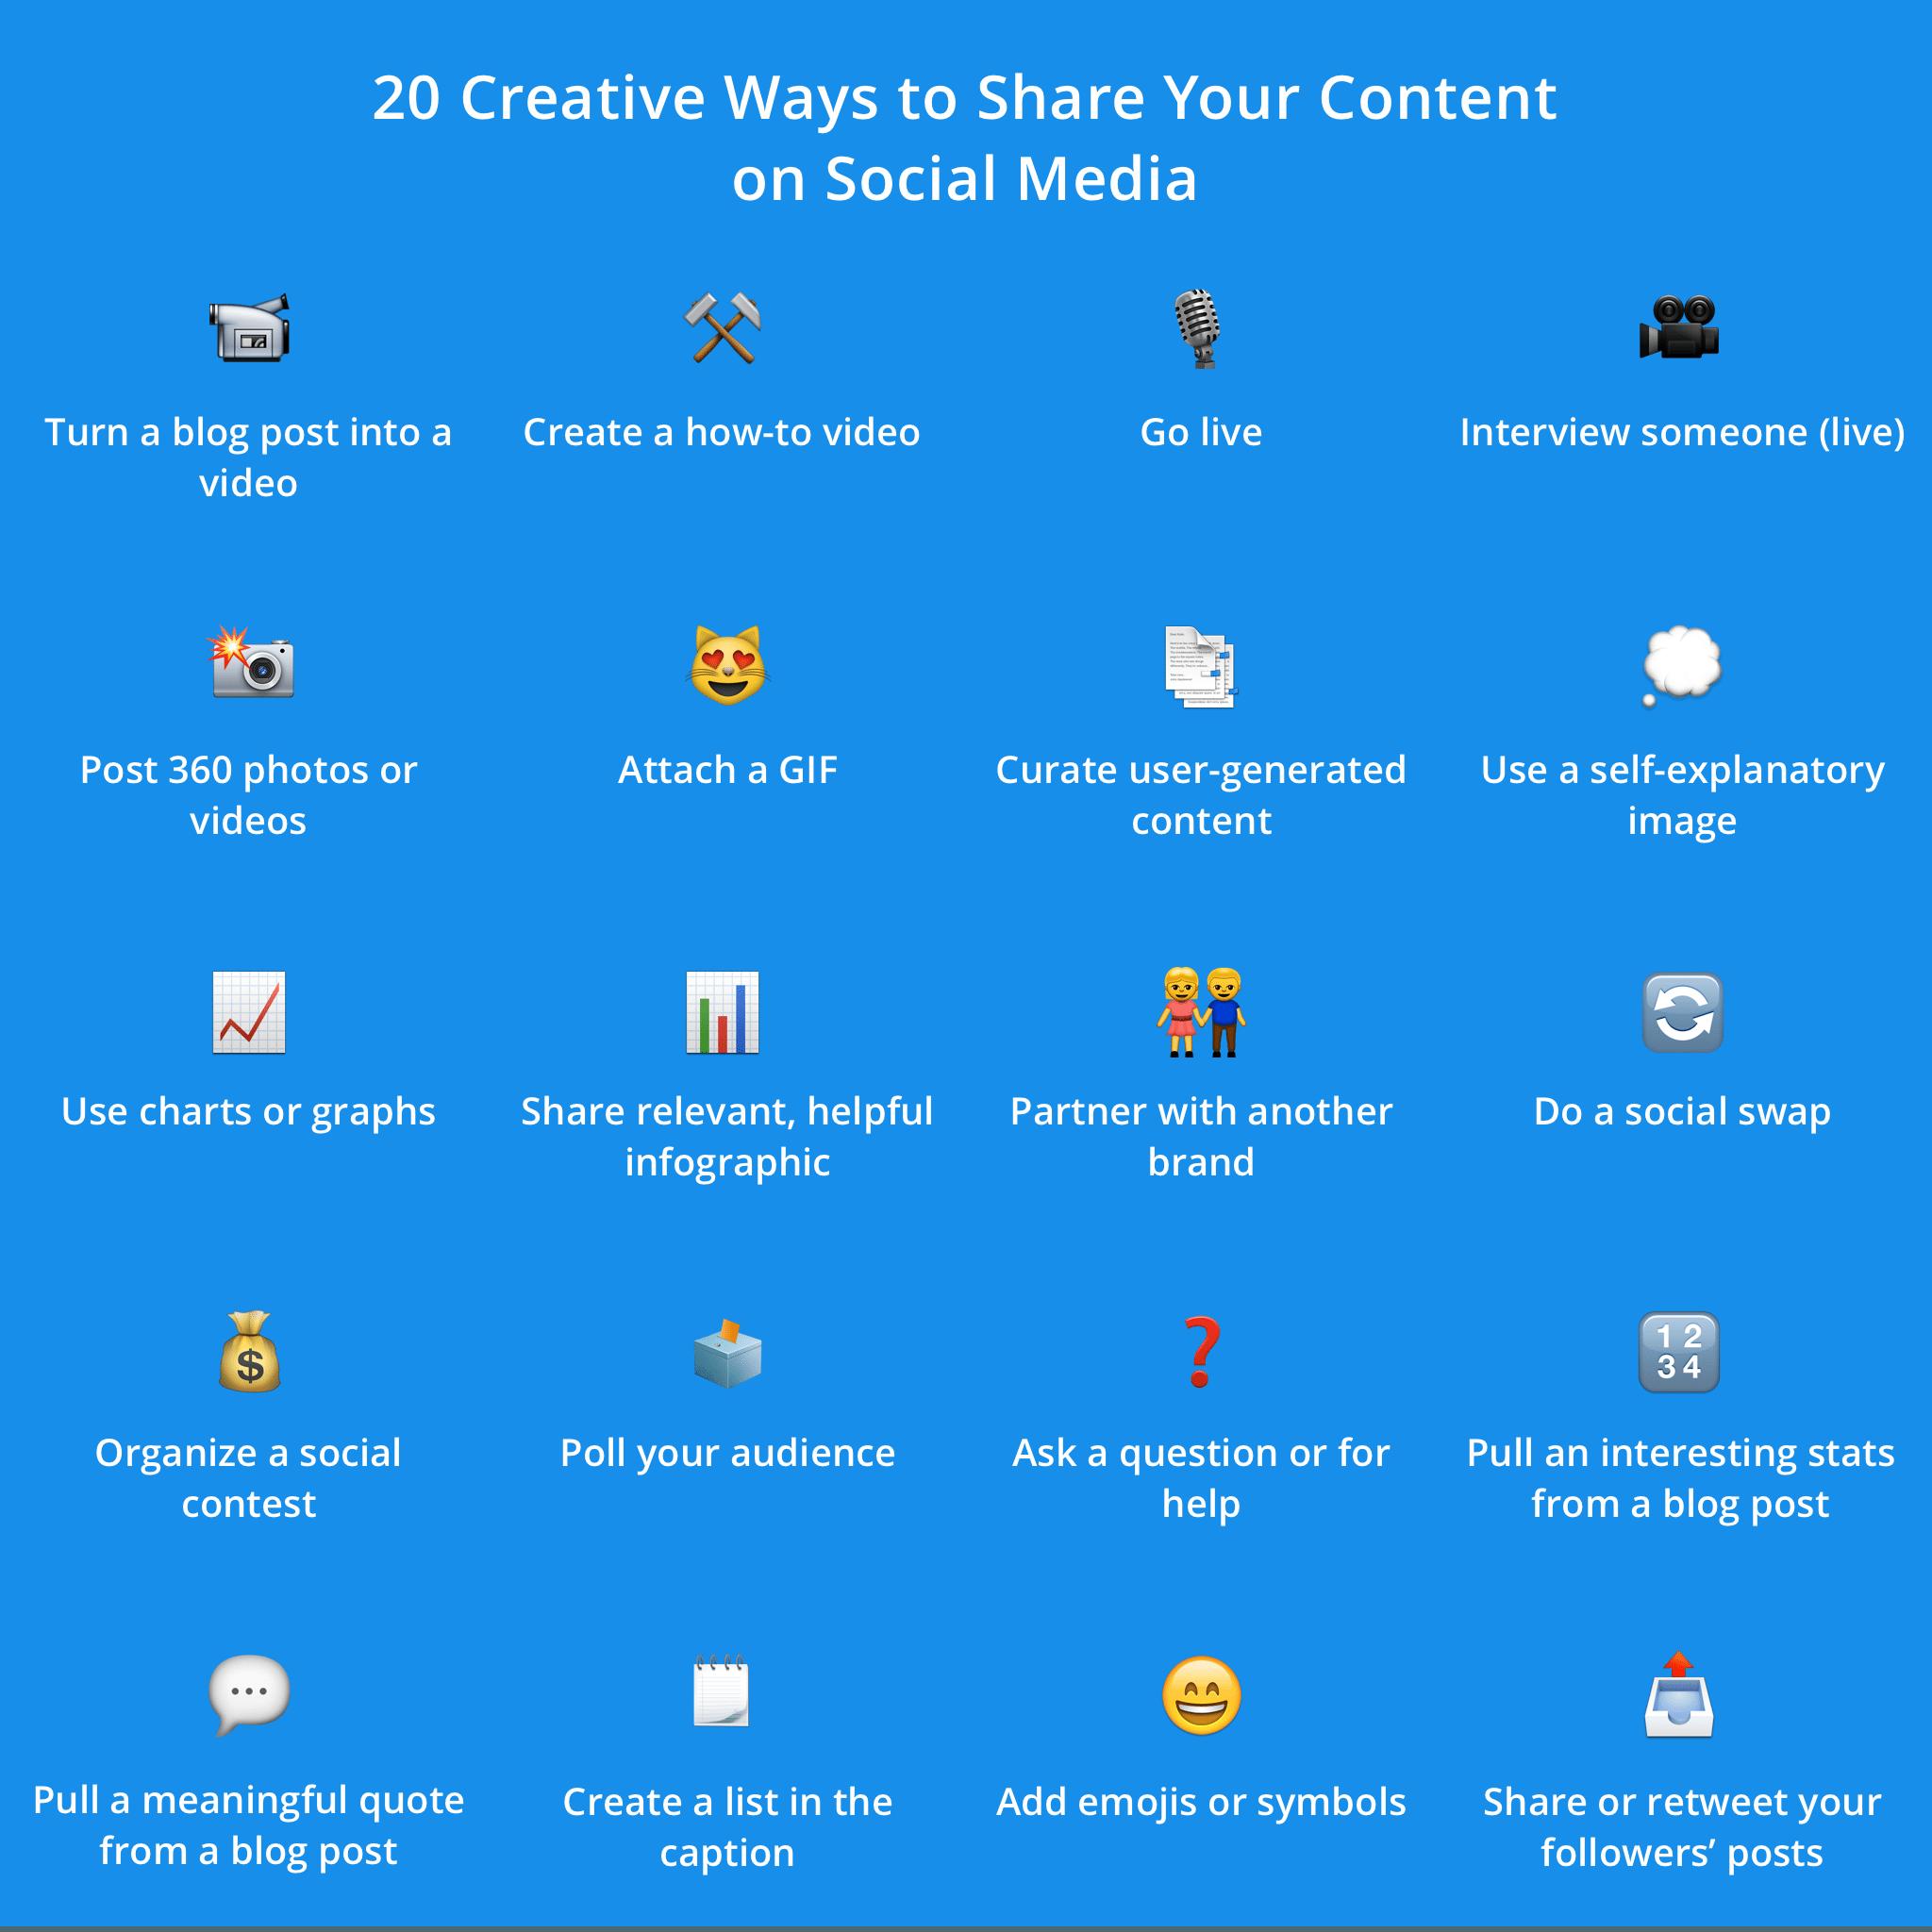 20 Social Media Content Ideas